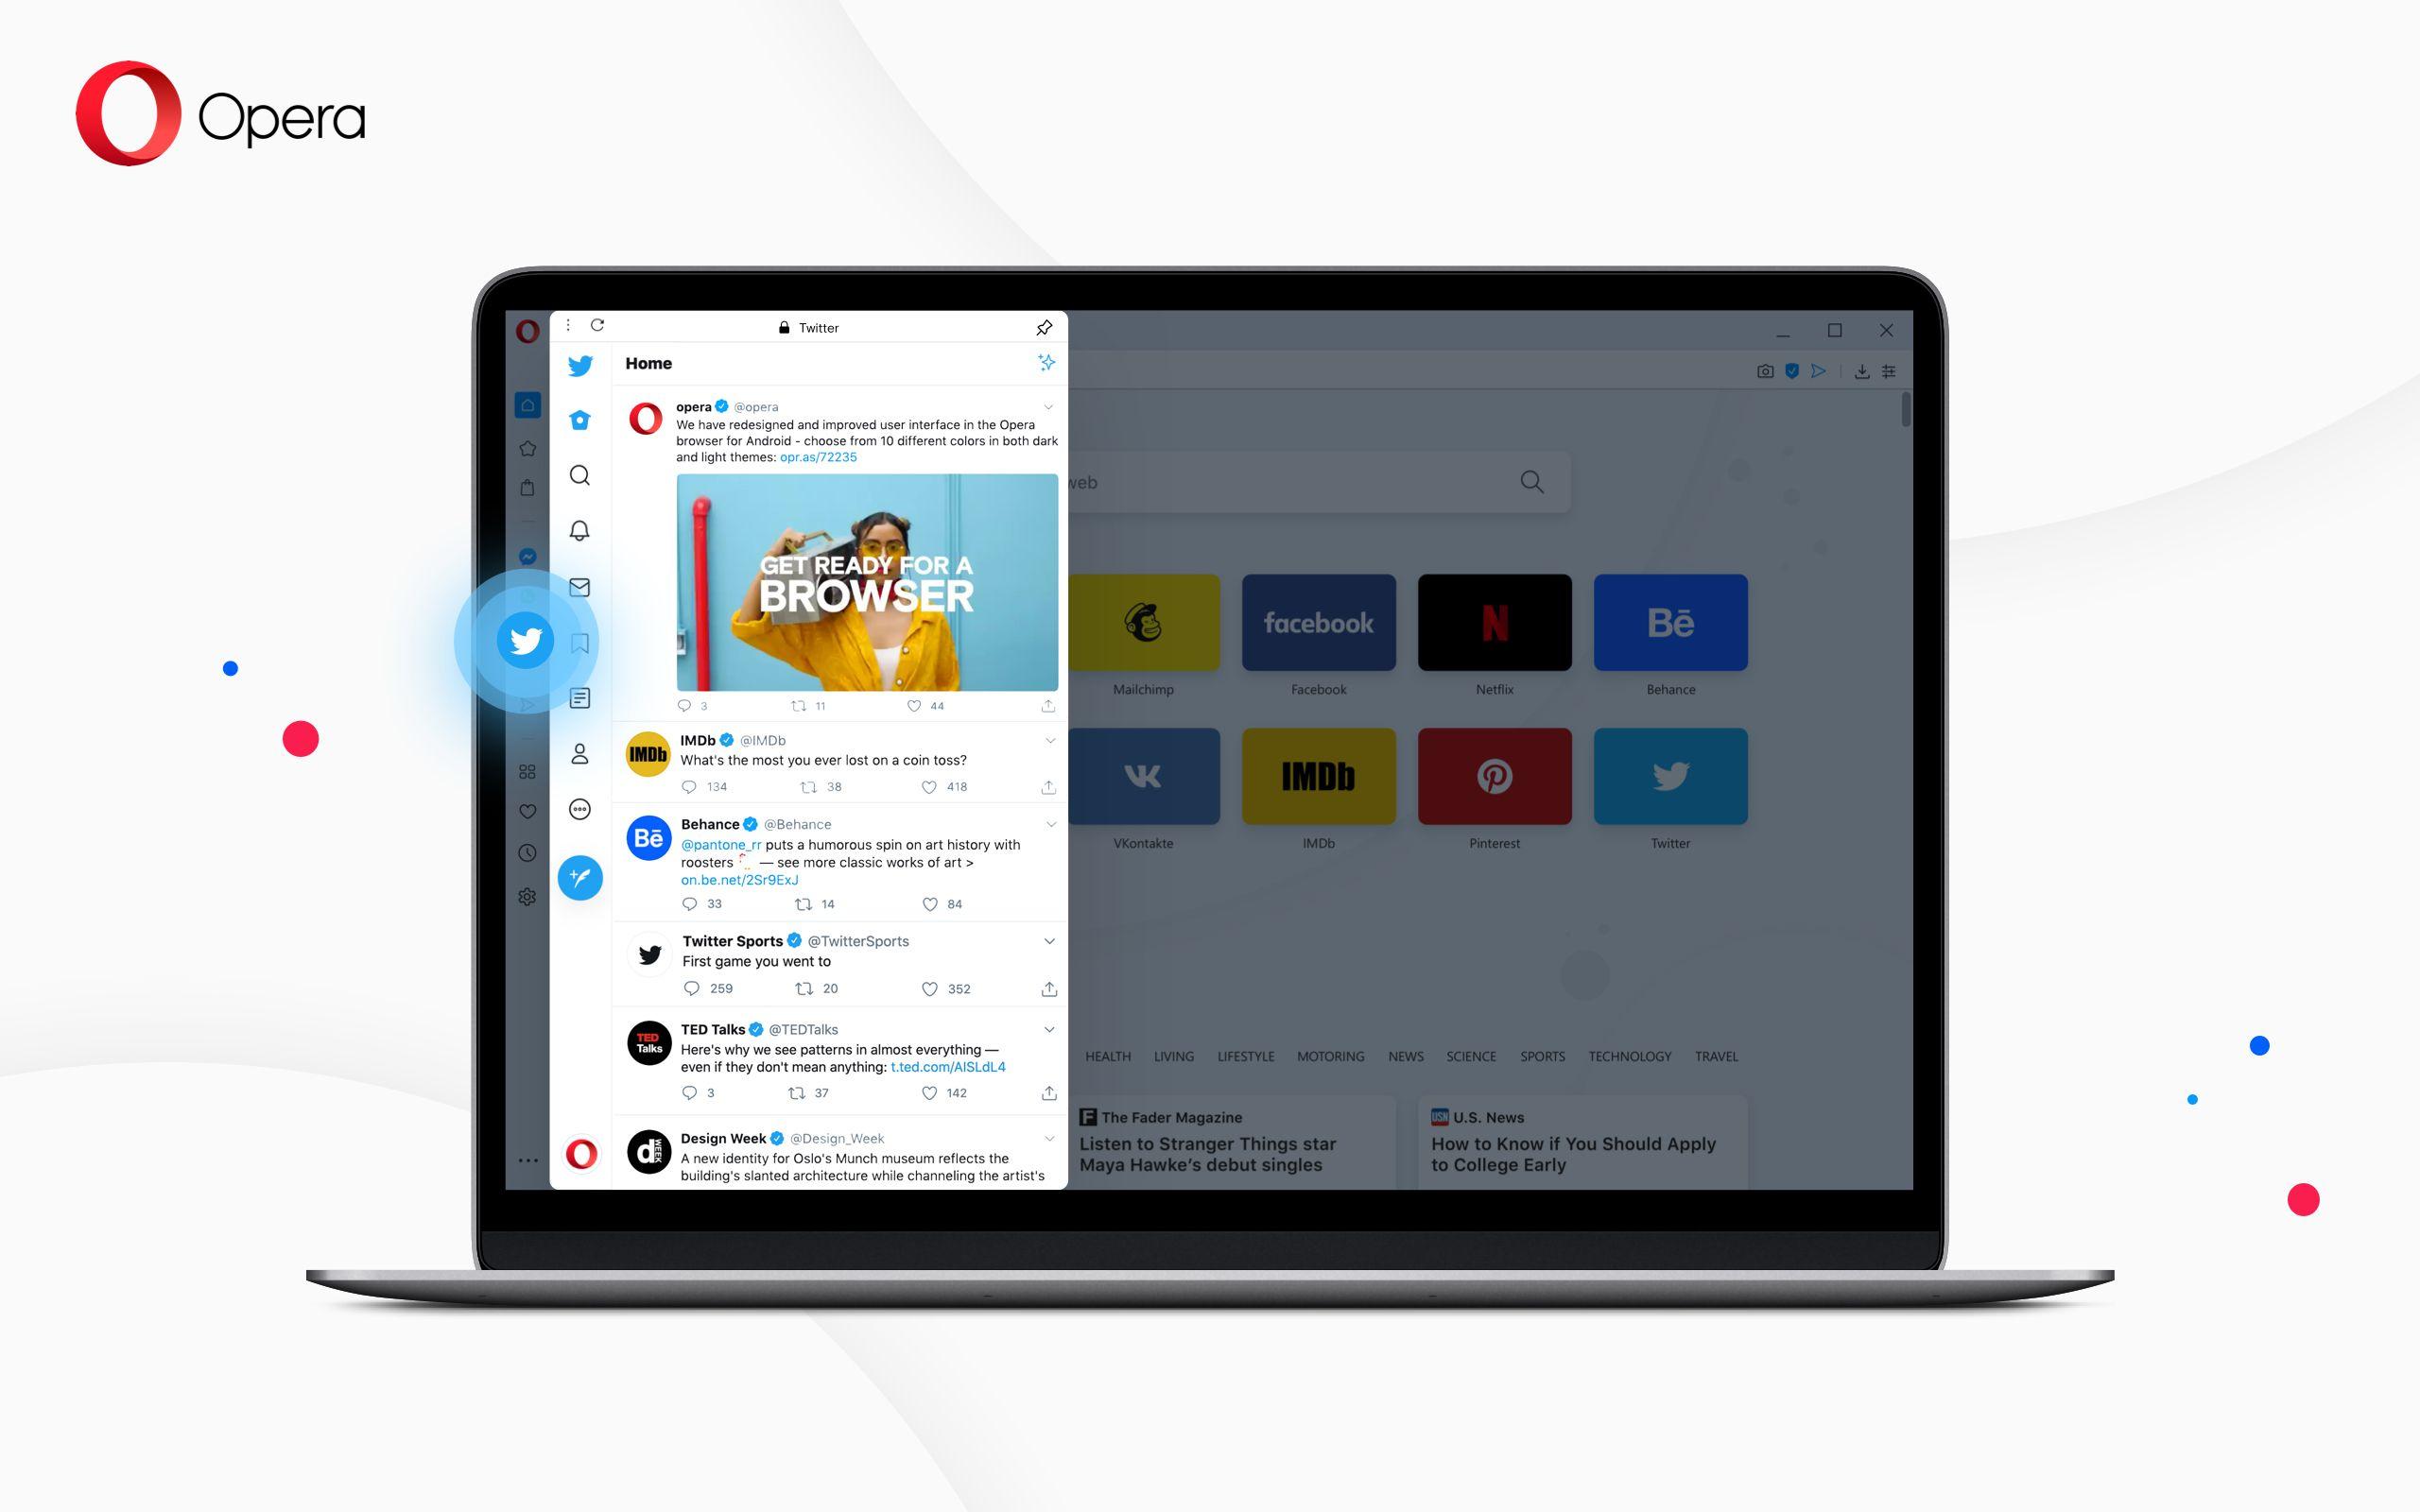 Opera se posiciona como el navegador más 'social media' al incorporar Twitter a su barra lateral